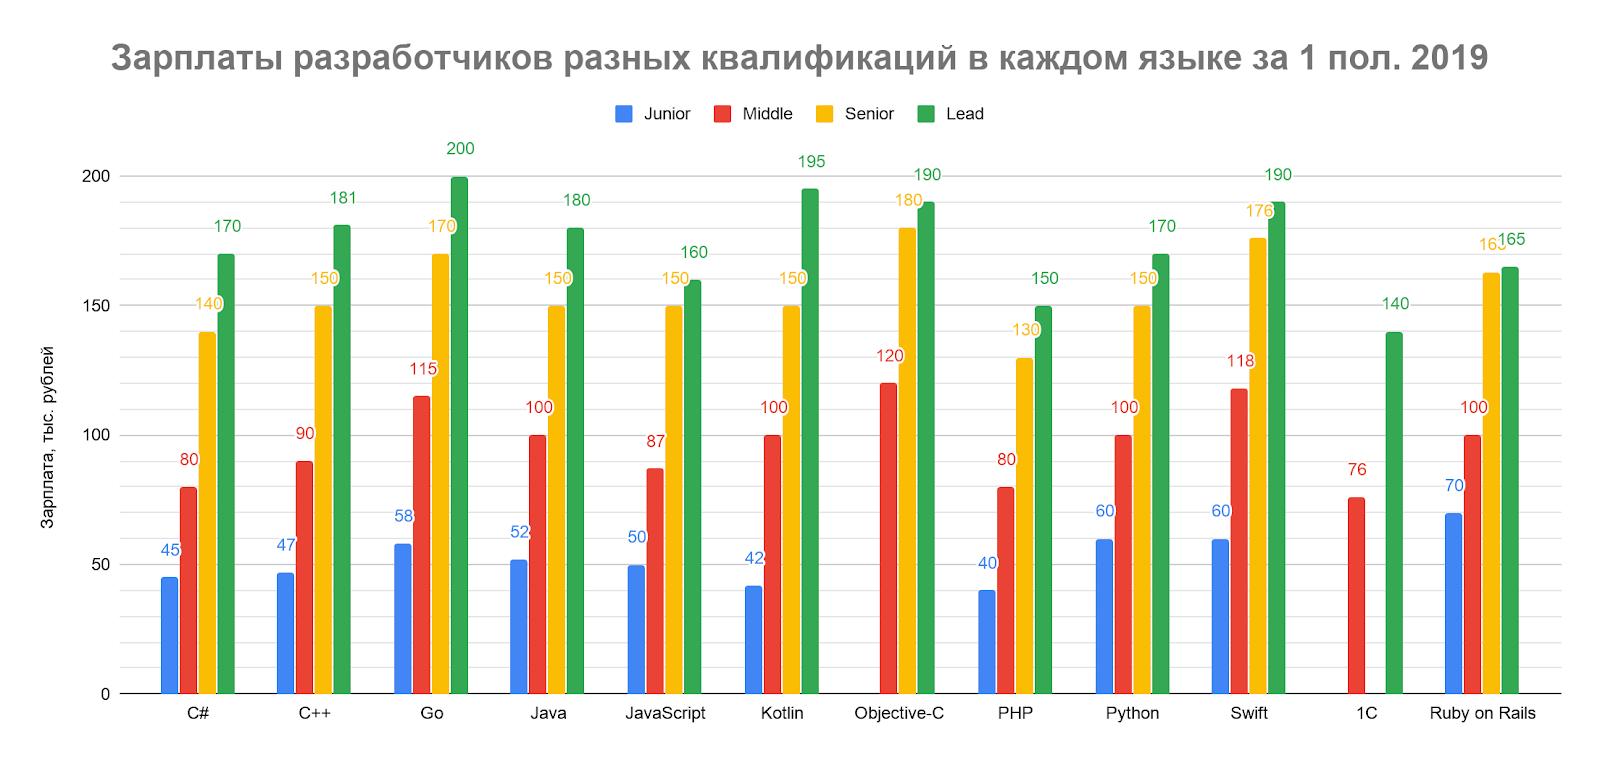 Сколько зарабатывали разработчики разных квалификаций в первом полугодии 2019 - 3